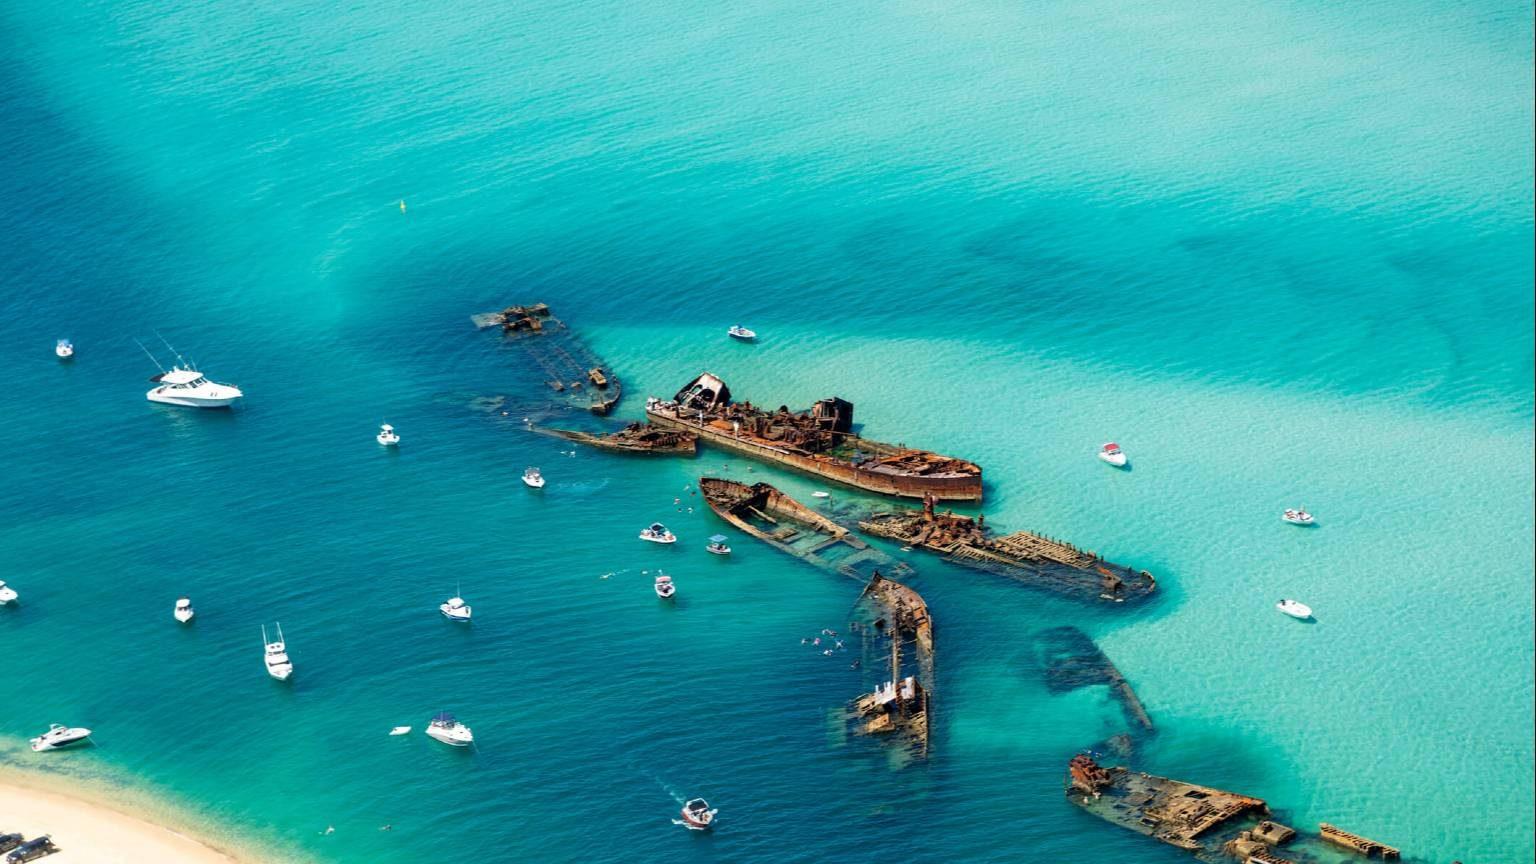 Aerial Views over Ocean waters